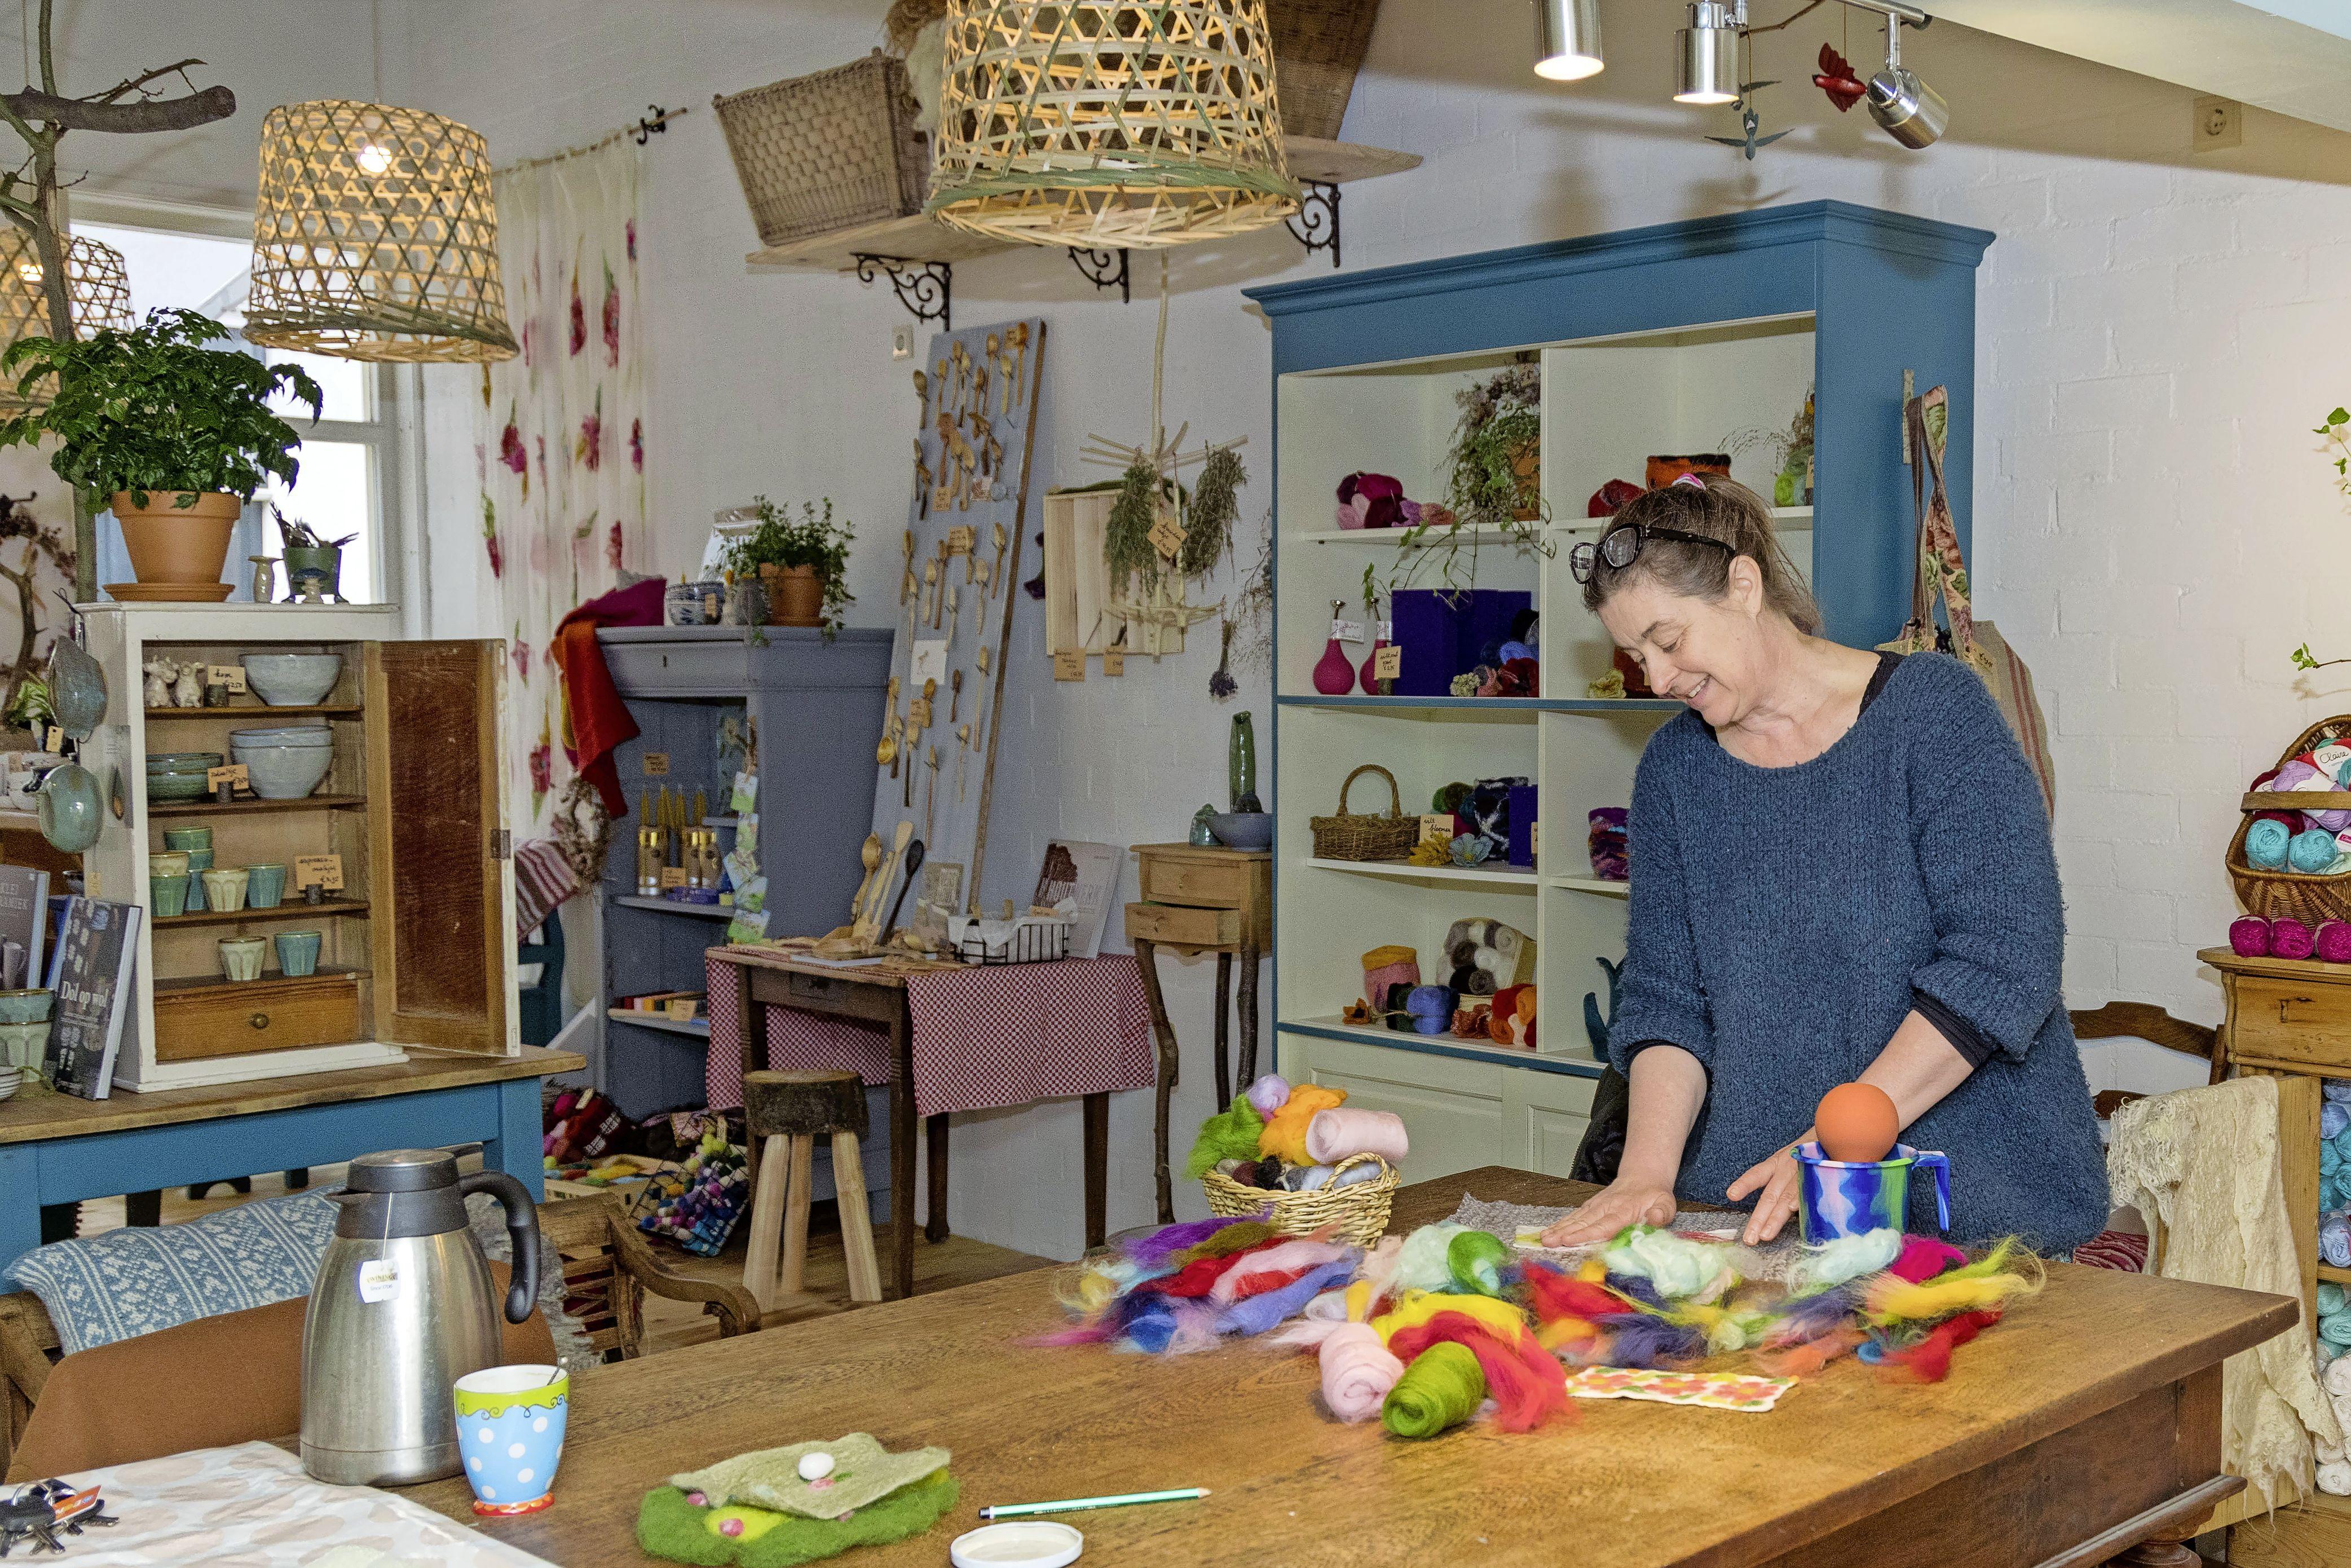 'Een dag niet gevilt is een dag niet geleefd.' Tamara de Groot opent boetiekje in Hoorn, waar zij onder meer haar eigen creaties verkoopt